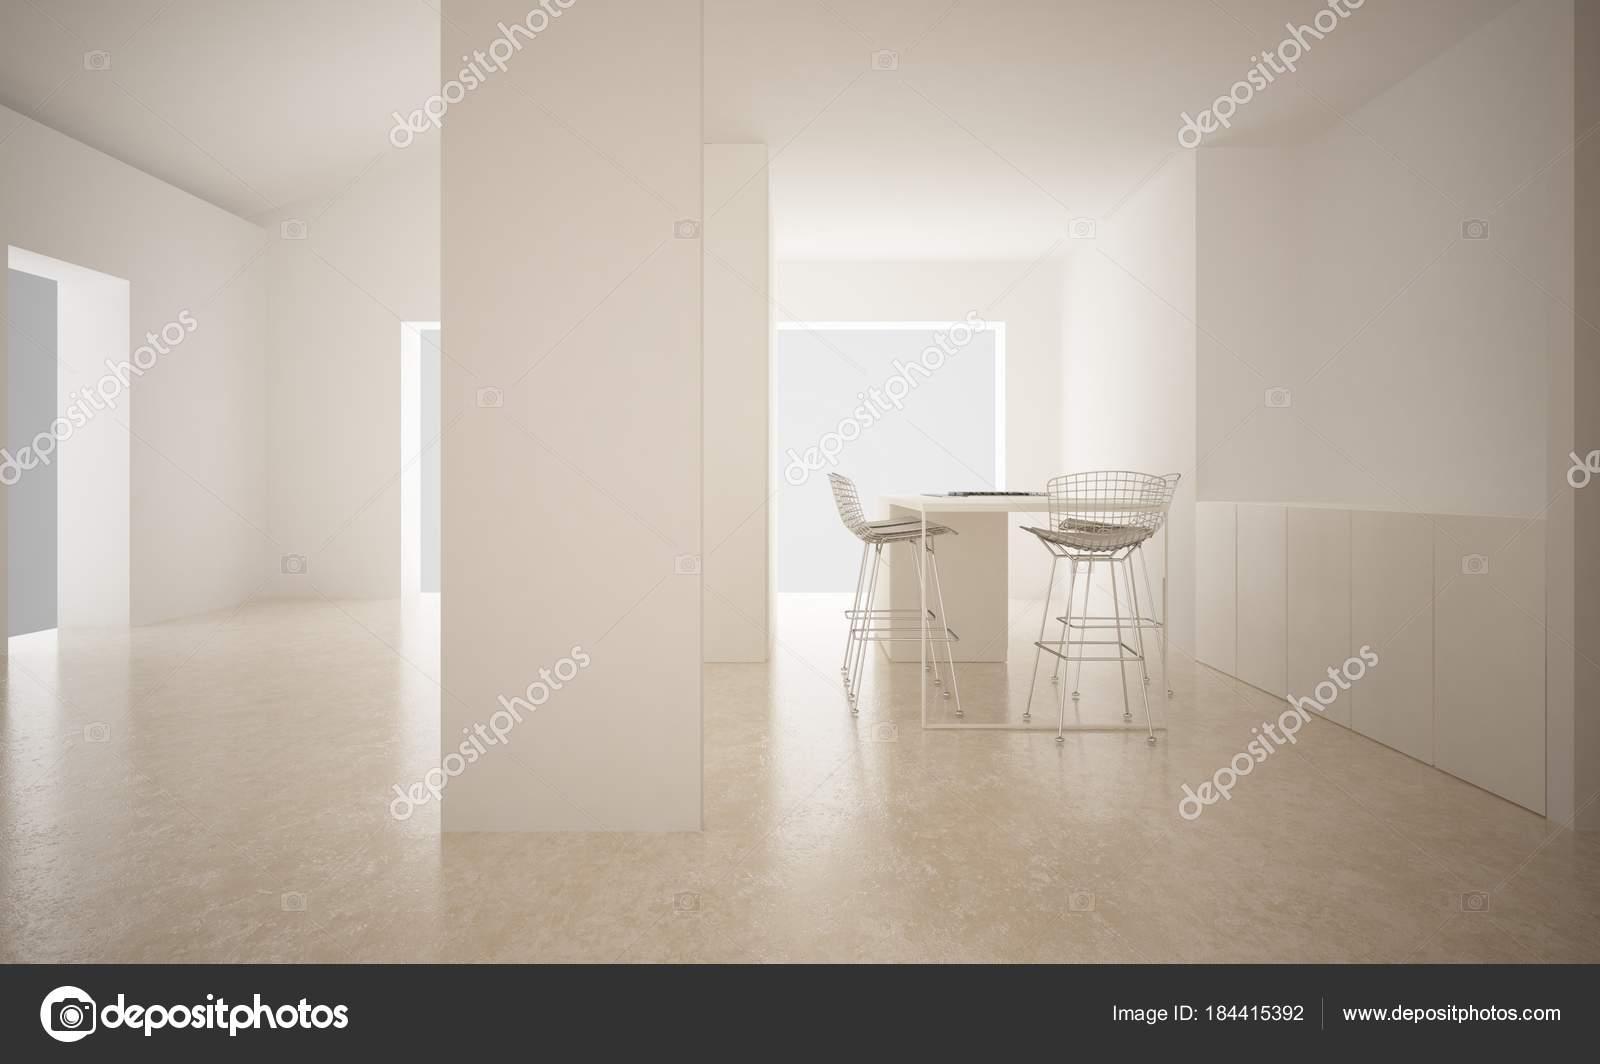 Pavimento In Pietra Calcarea : Spazio vuoto moderno con pavimento in pietra calcarea e cucina